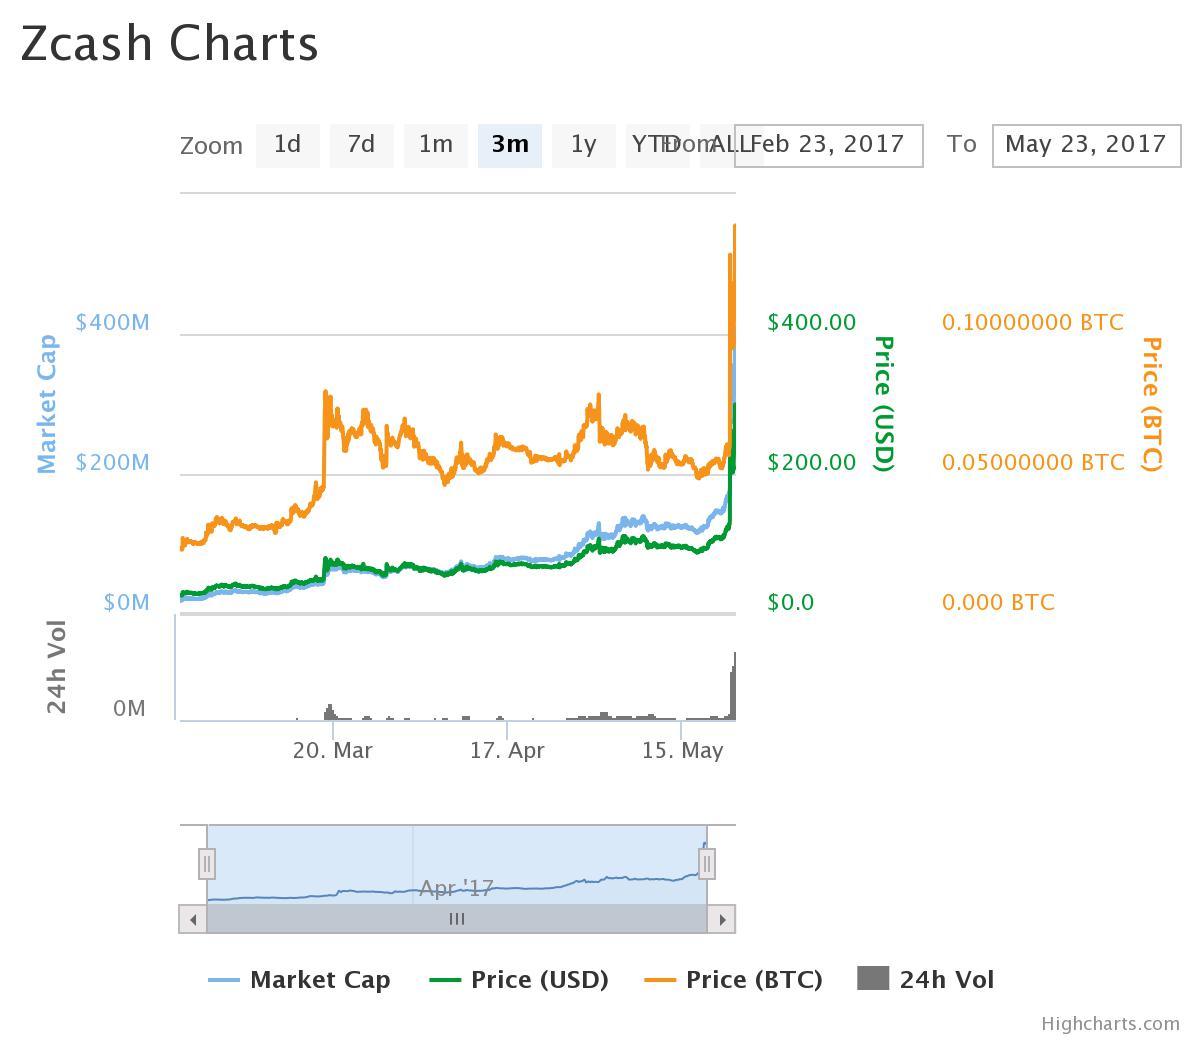 Movimientos del precio de Zcash en los últimos 3 meses. Fuente: CoinMarketCap